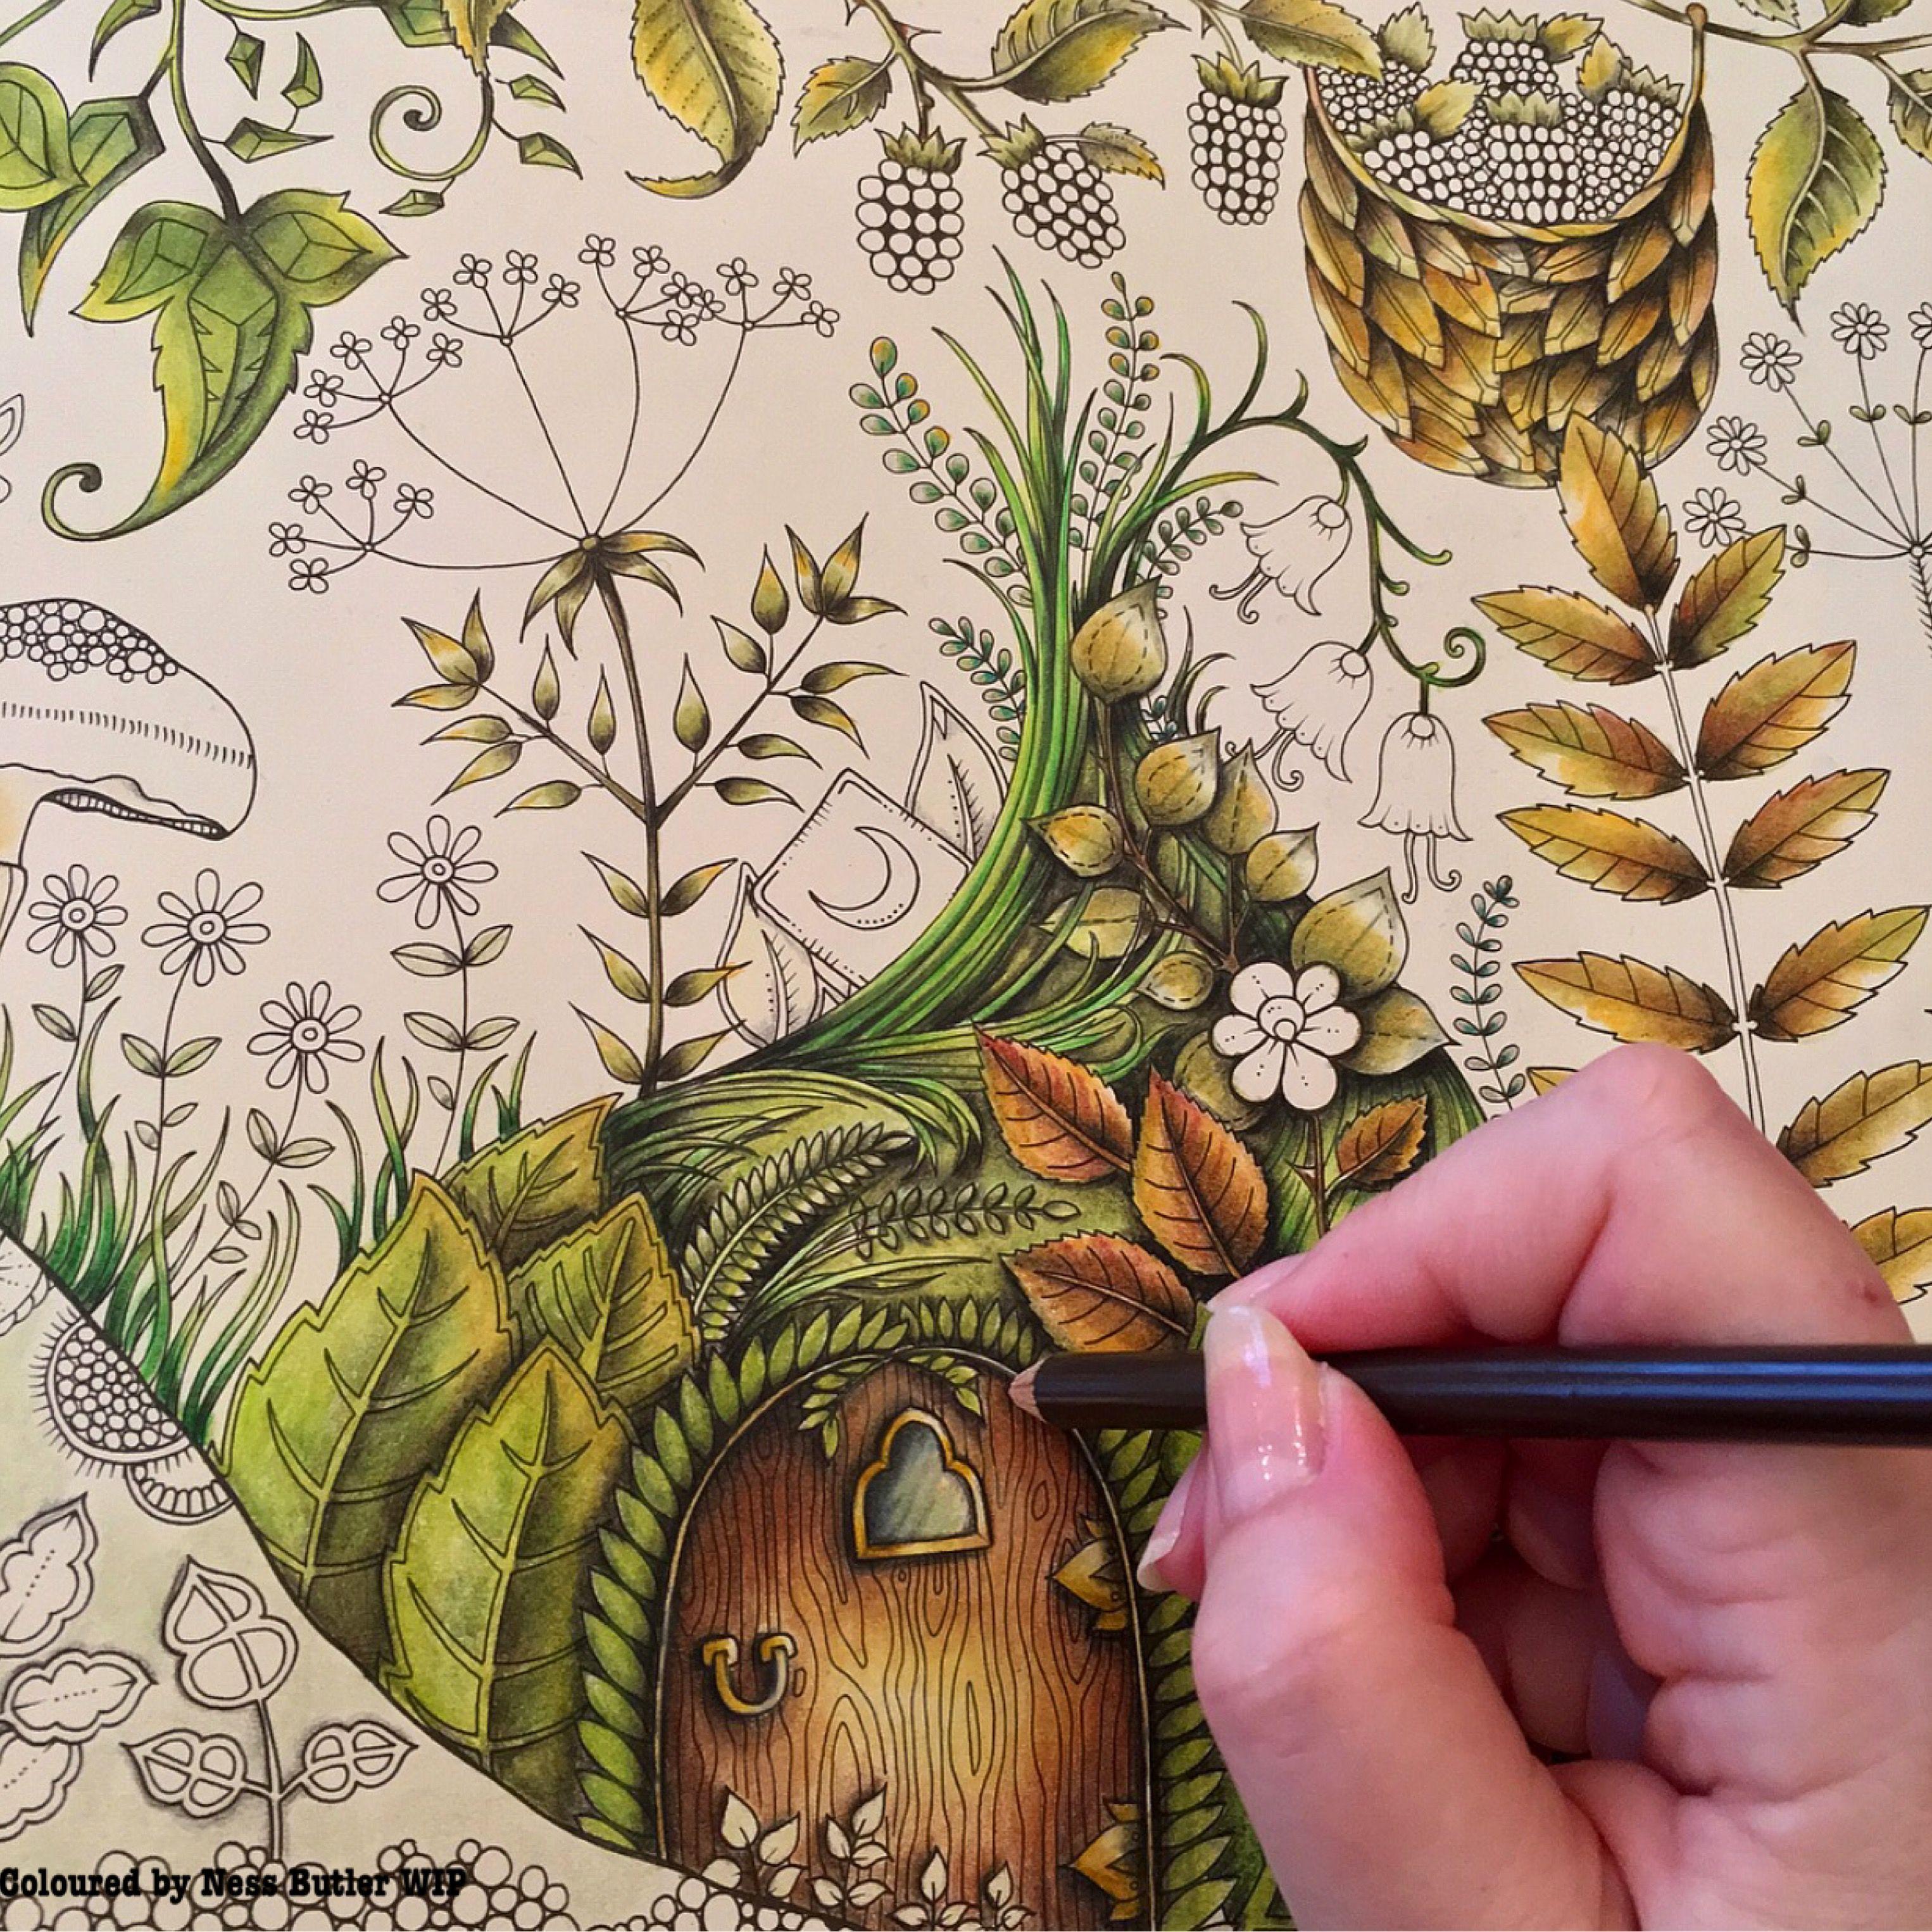 Johanna Basford Enchanted Forest Colouring Book Ness Butler Prisma Color Pencils Enchanted Forest Coloring Book Coloring Book Art Johanna Basford Coloring